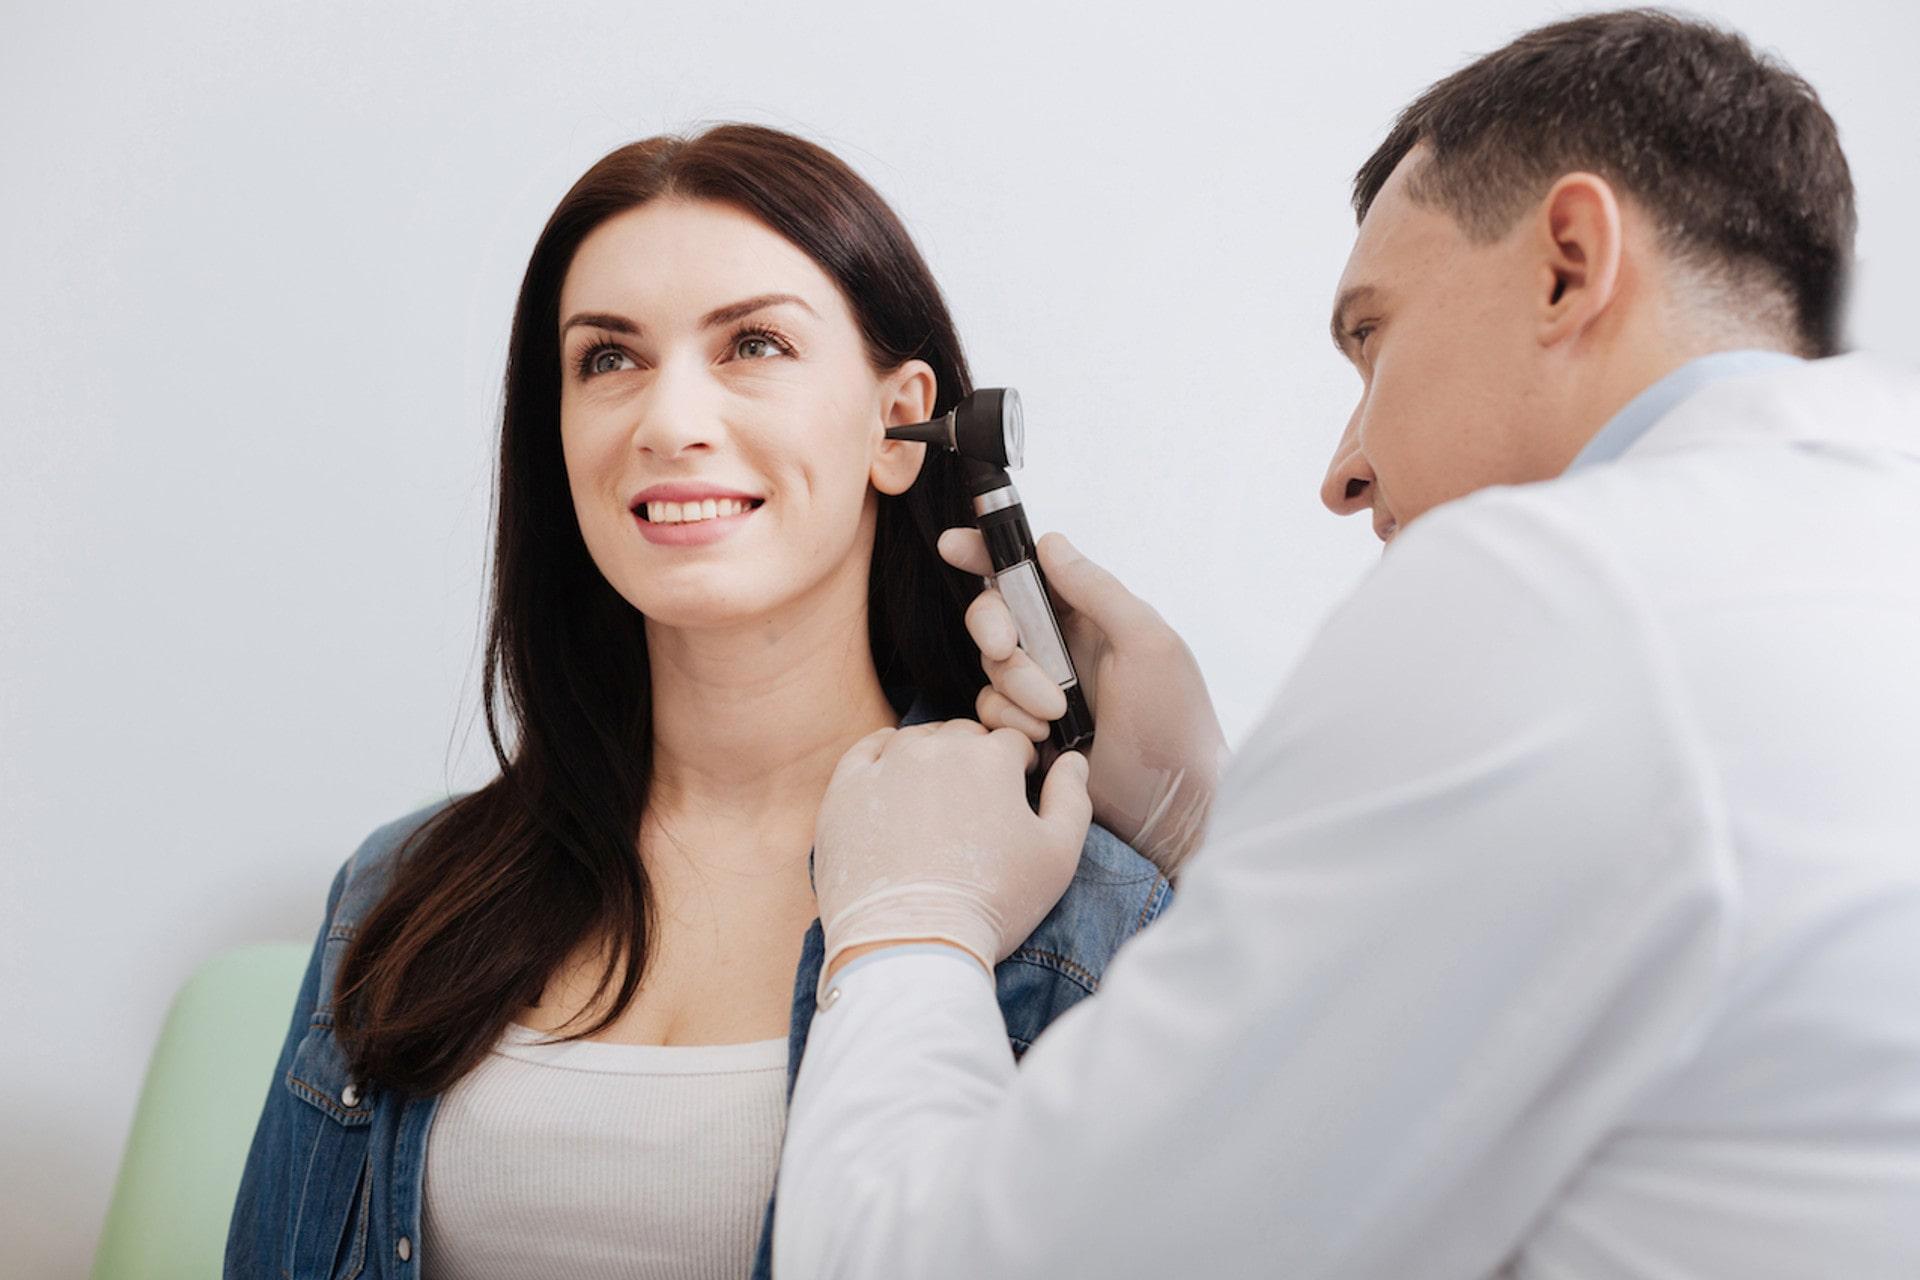 Protos-centro-medico-otorinaolaringoiatria